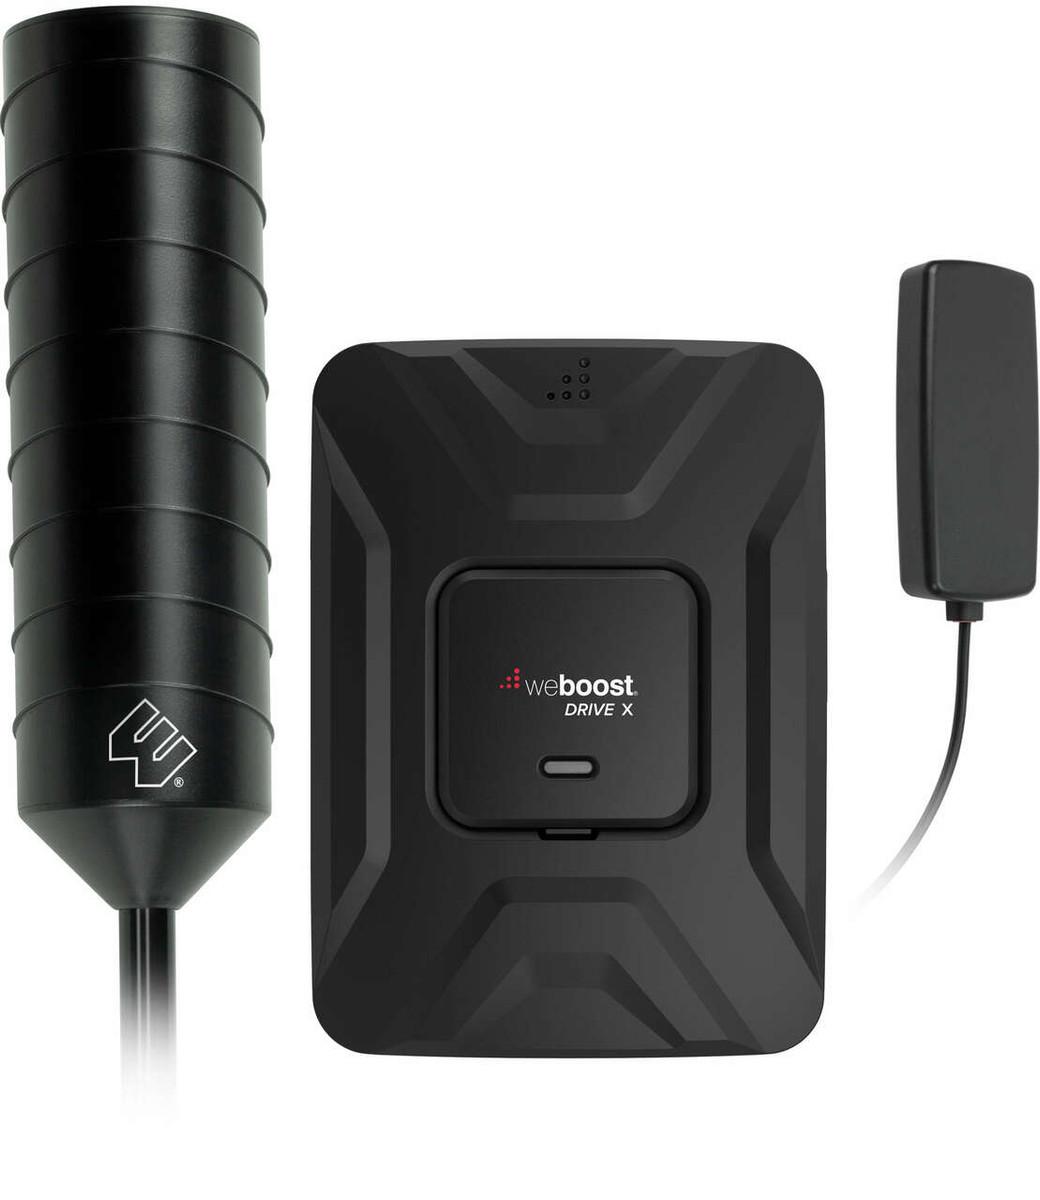 weBoost Drive X OTR Fleet Signal Booster Kit - 654021